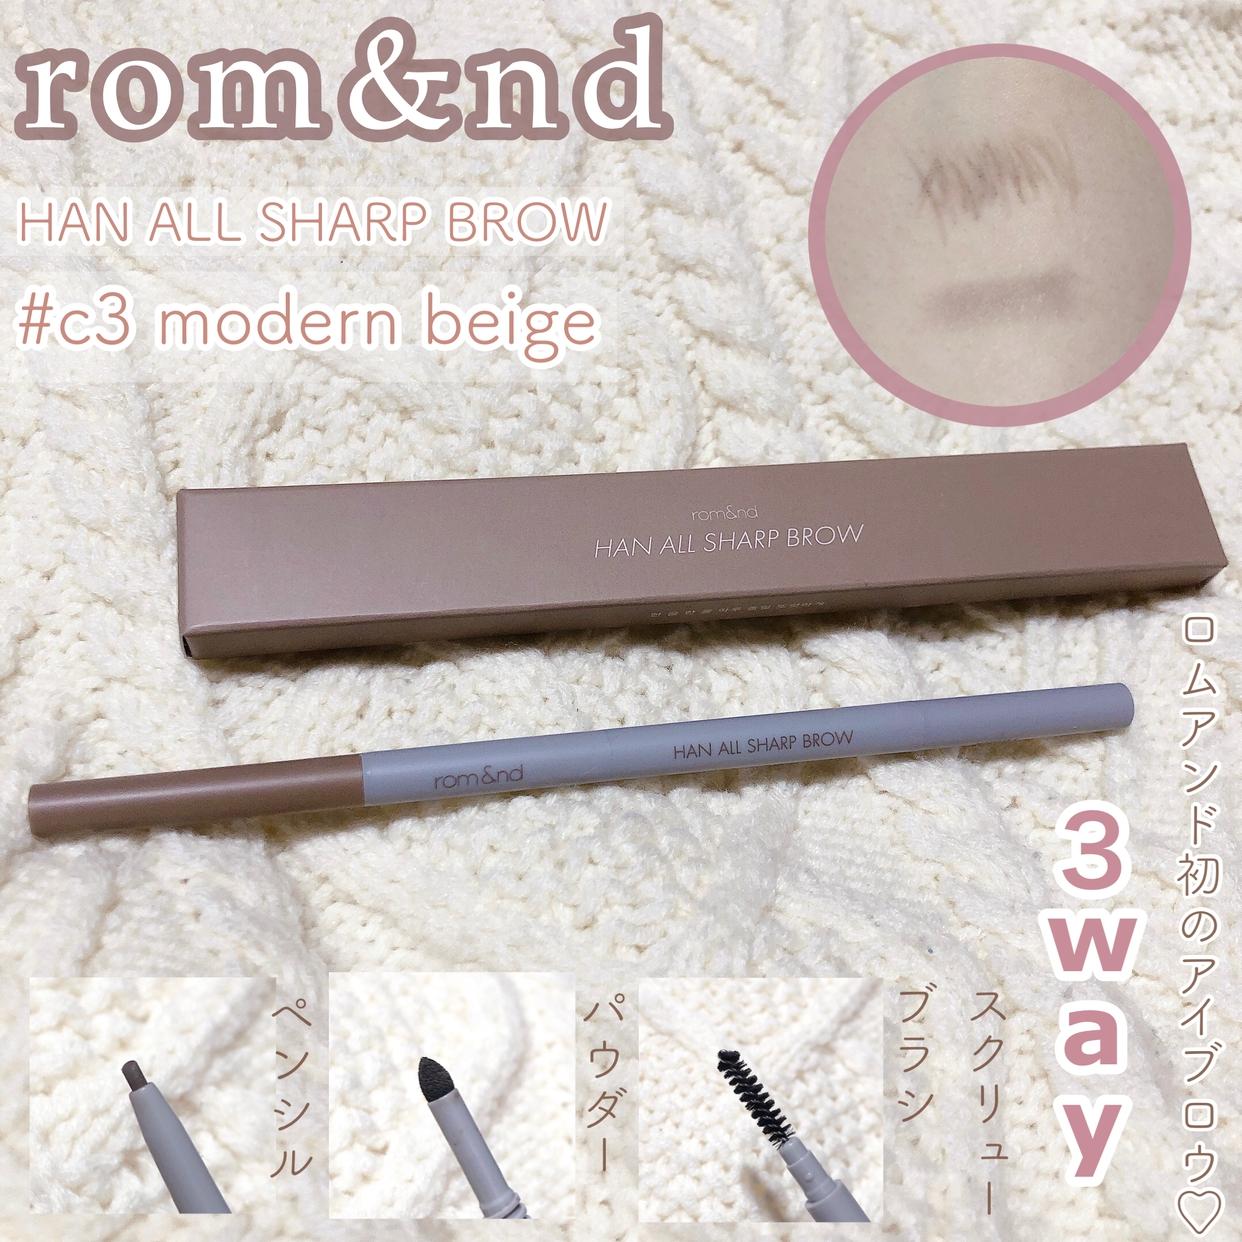 rom&nd(ロムアンド) ハン オール シャープ ブロウを使ったもねさんのクチコミ画像